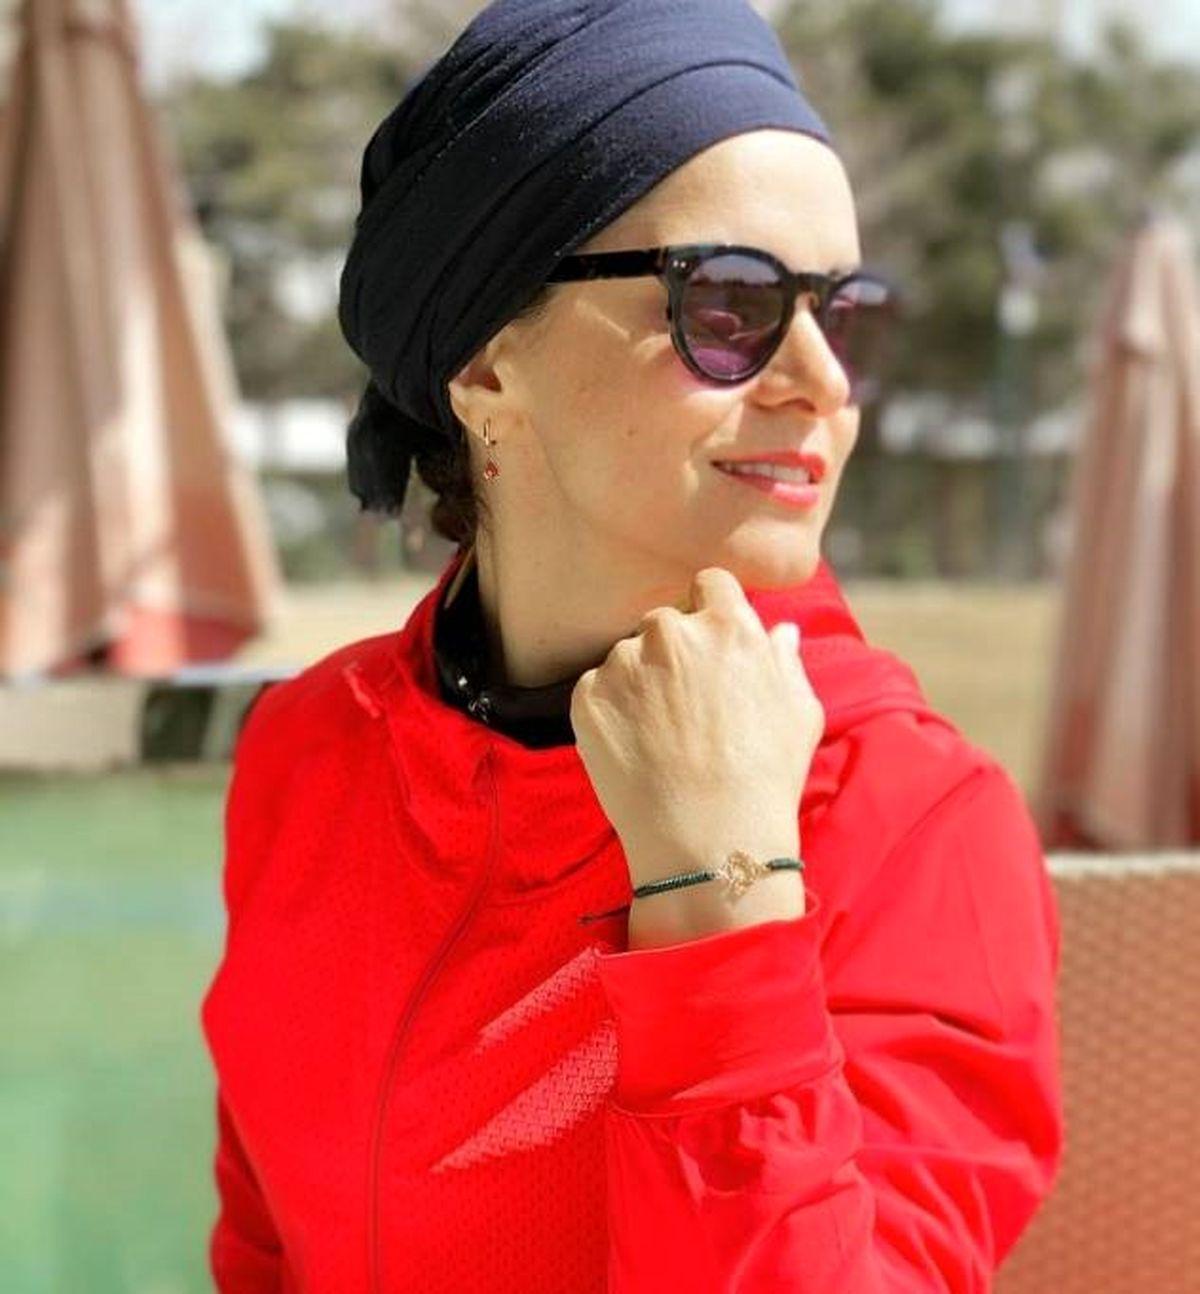 غزل شاکری بازیگر سریال شهرزاد